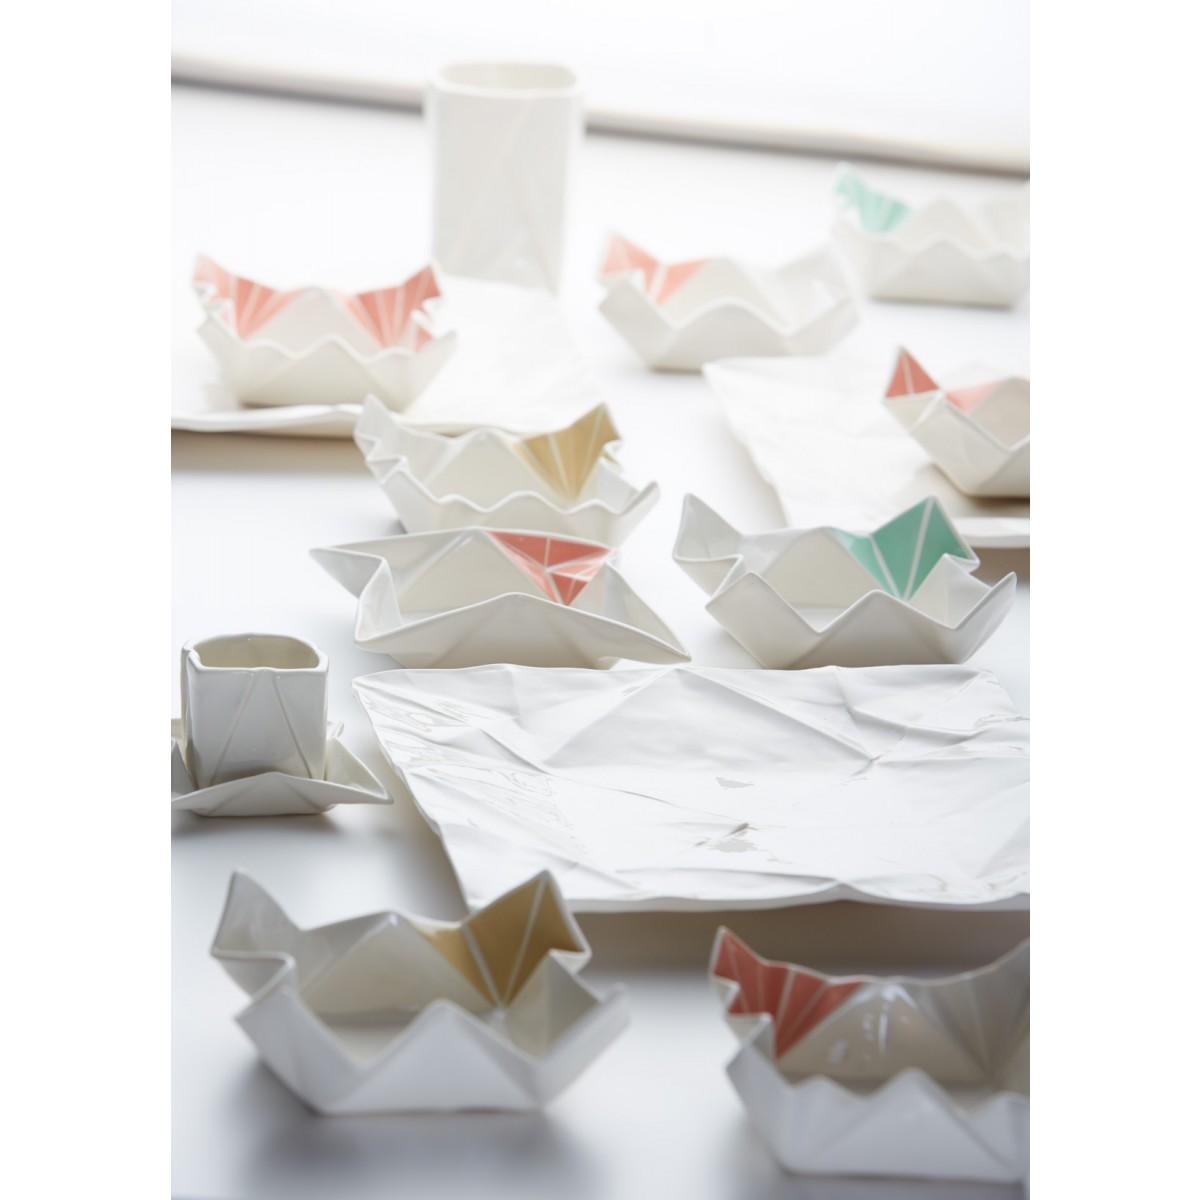 moij design Origami Snackschalen farbig